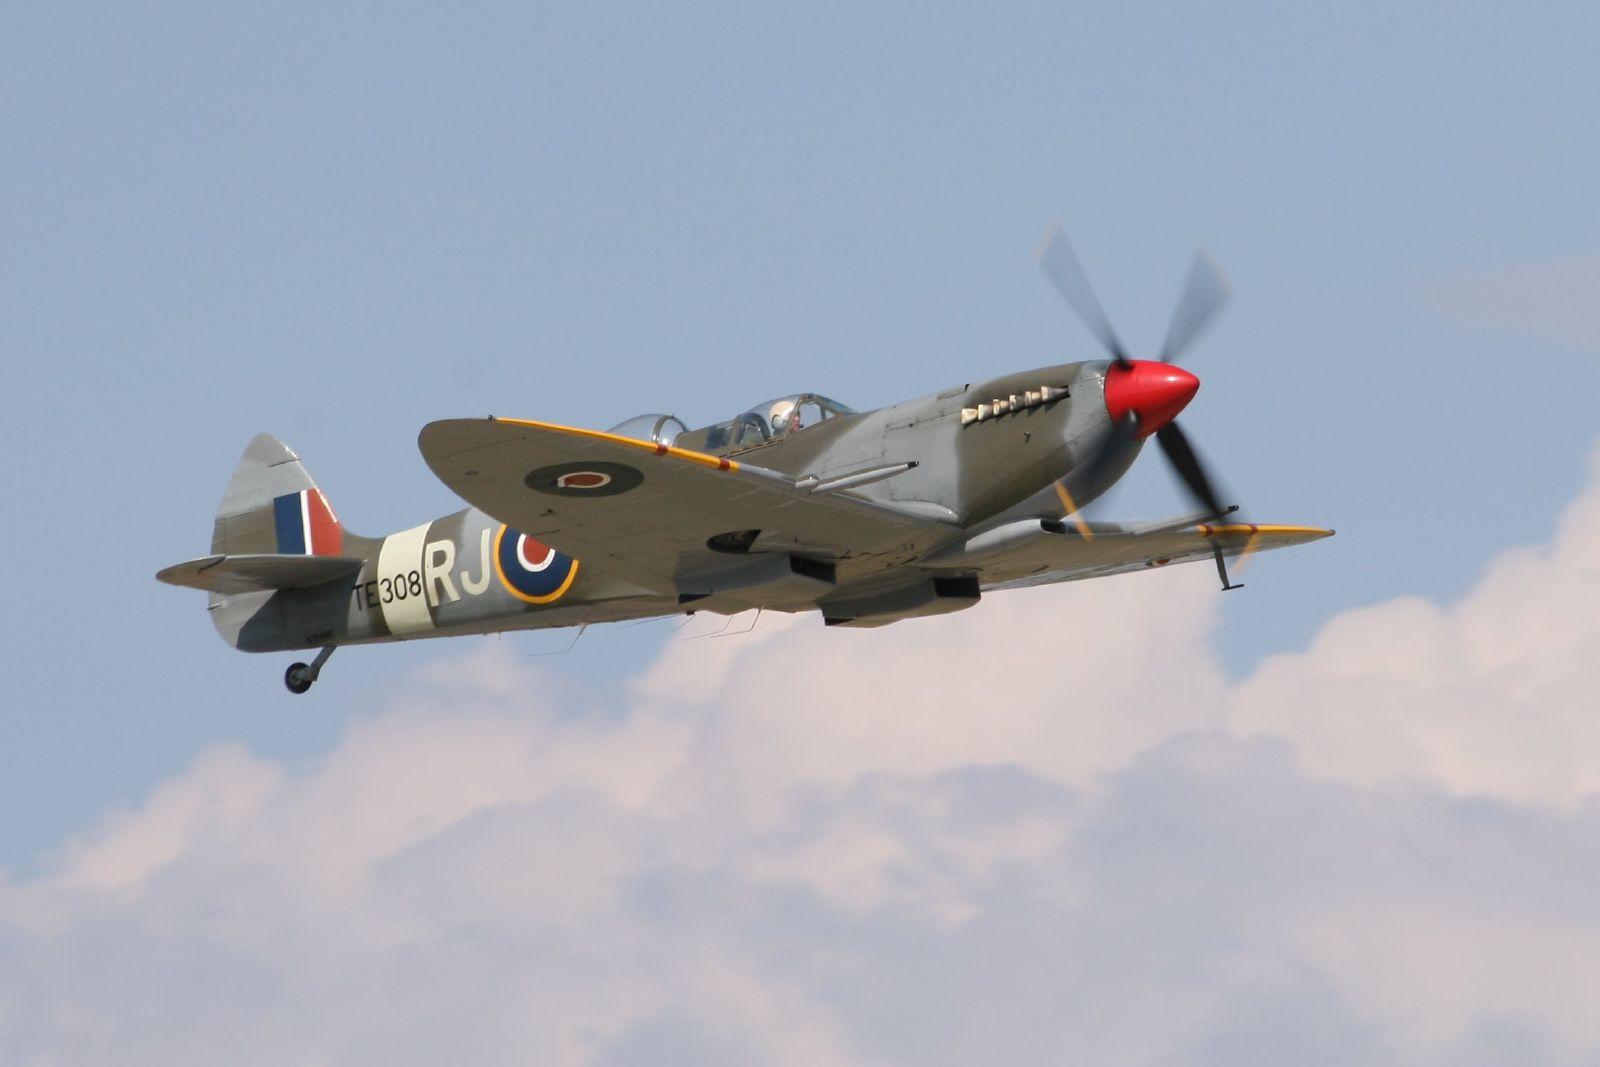 Le Spitfire T.9 TE308 en 2007 (Photo D. Miller (CC BY 2.0))